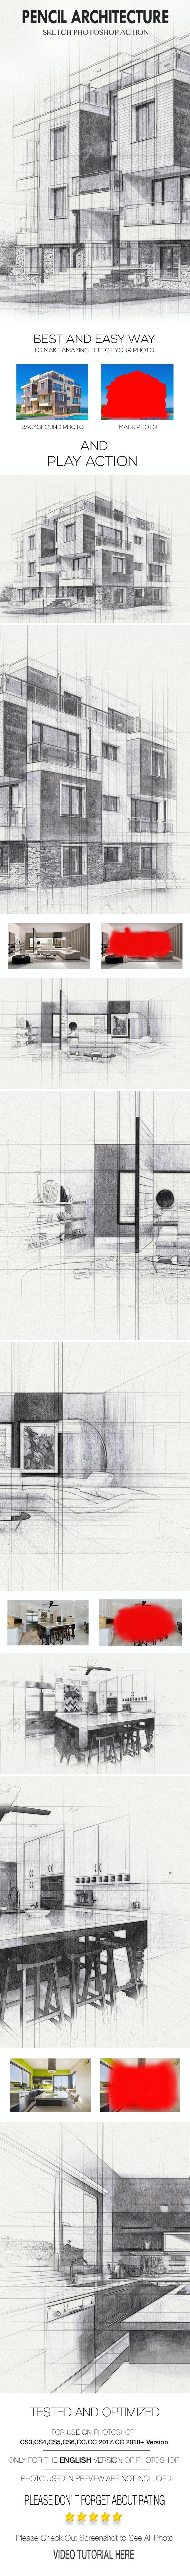 Pencil Architecture Sketch Photoshop Action